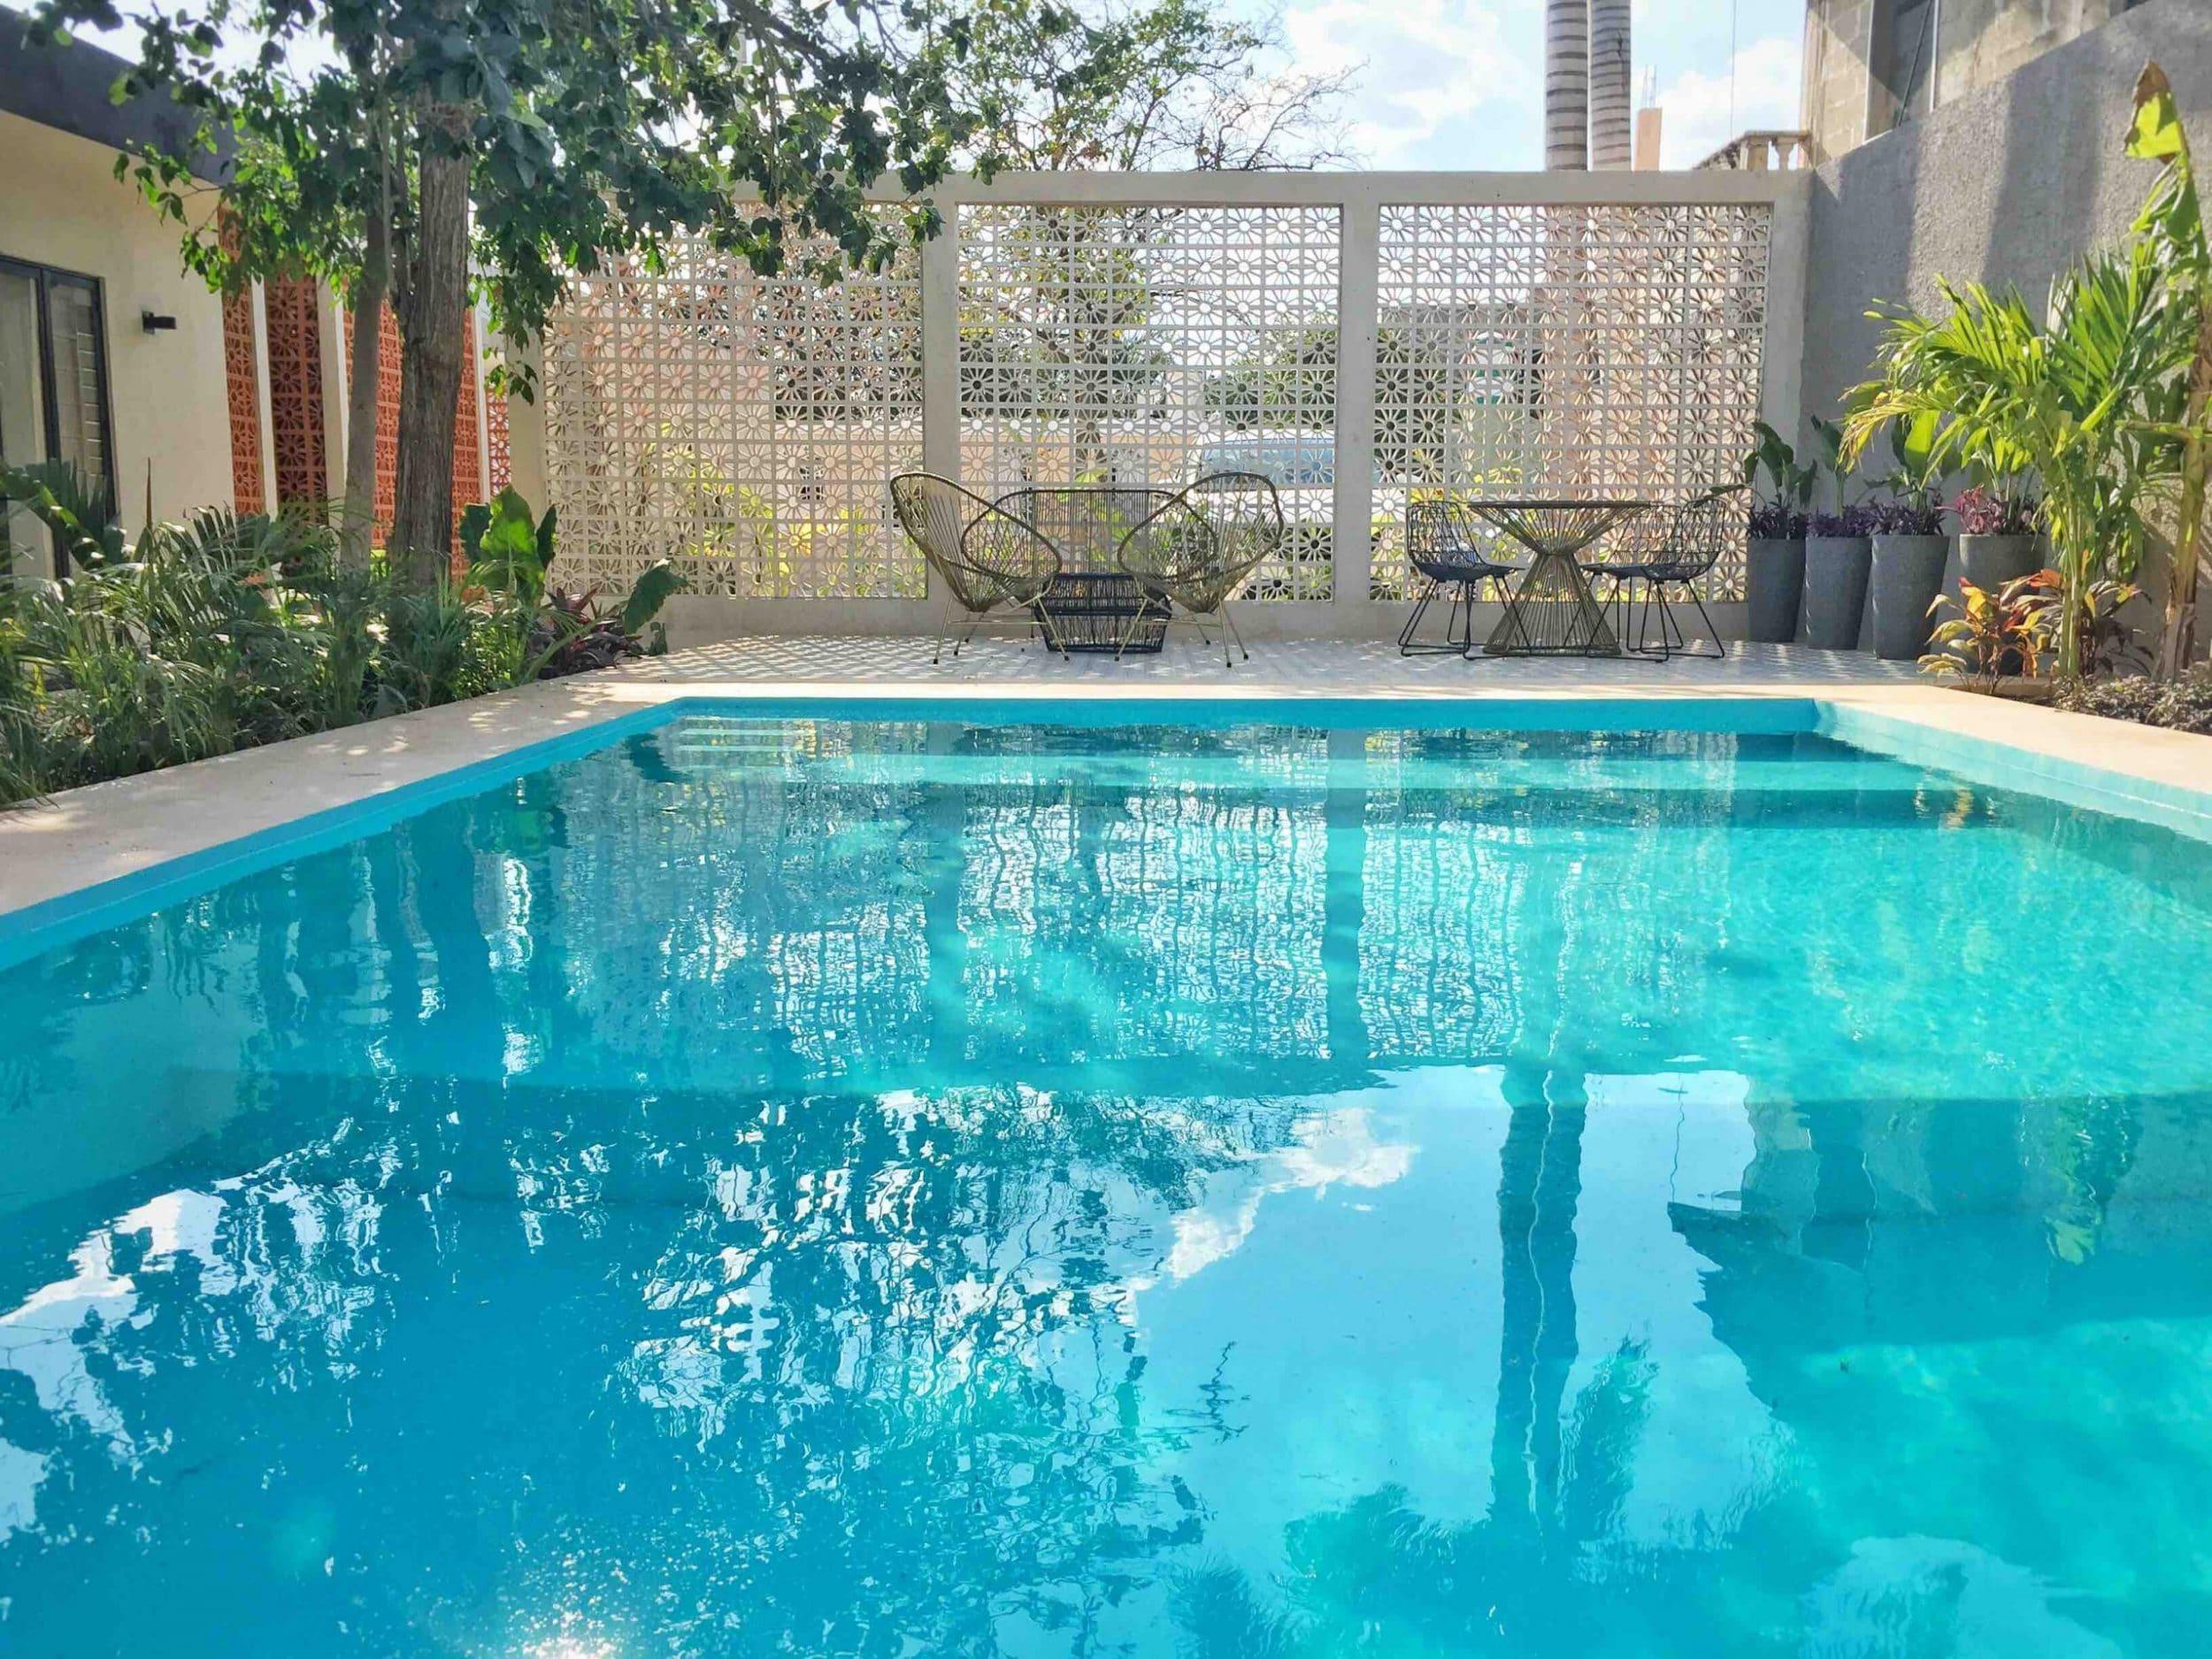 Como-limpiar-una-piscina-verde.jpg